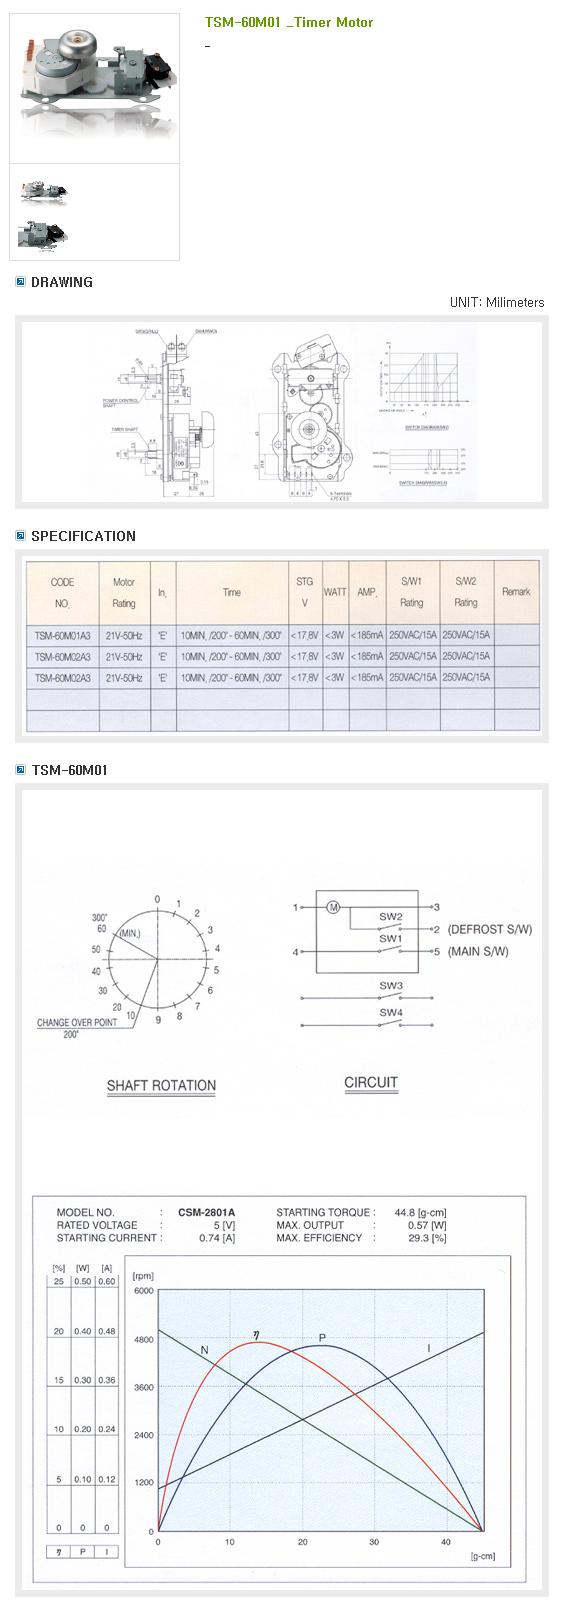 SAMHONGSA Timer Motor : Digital Camera Series TSM-60M01